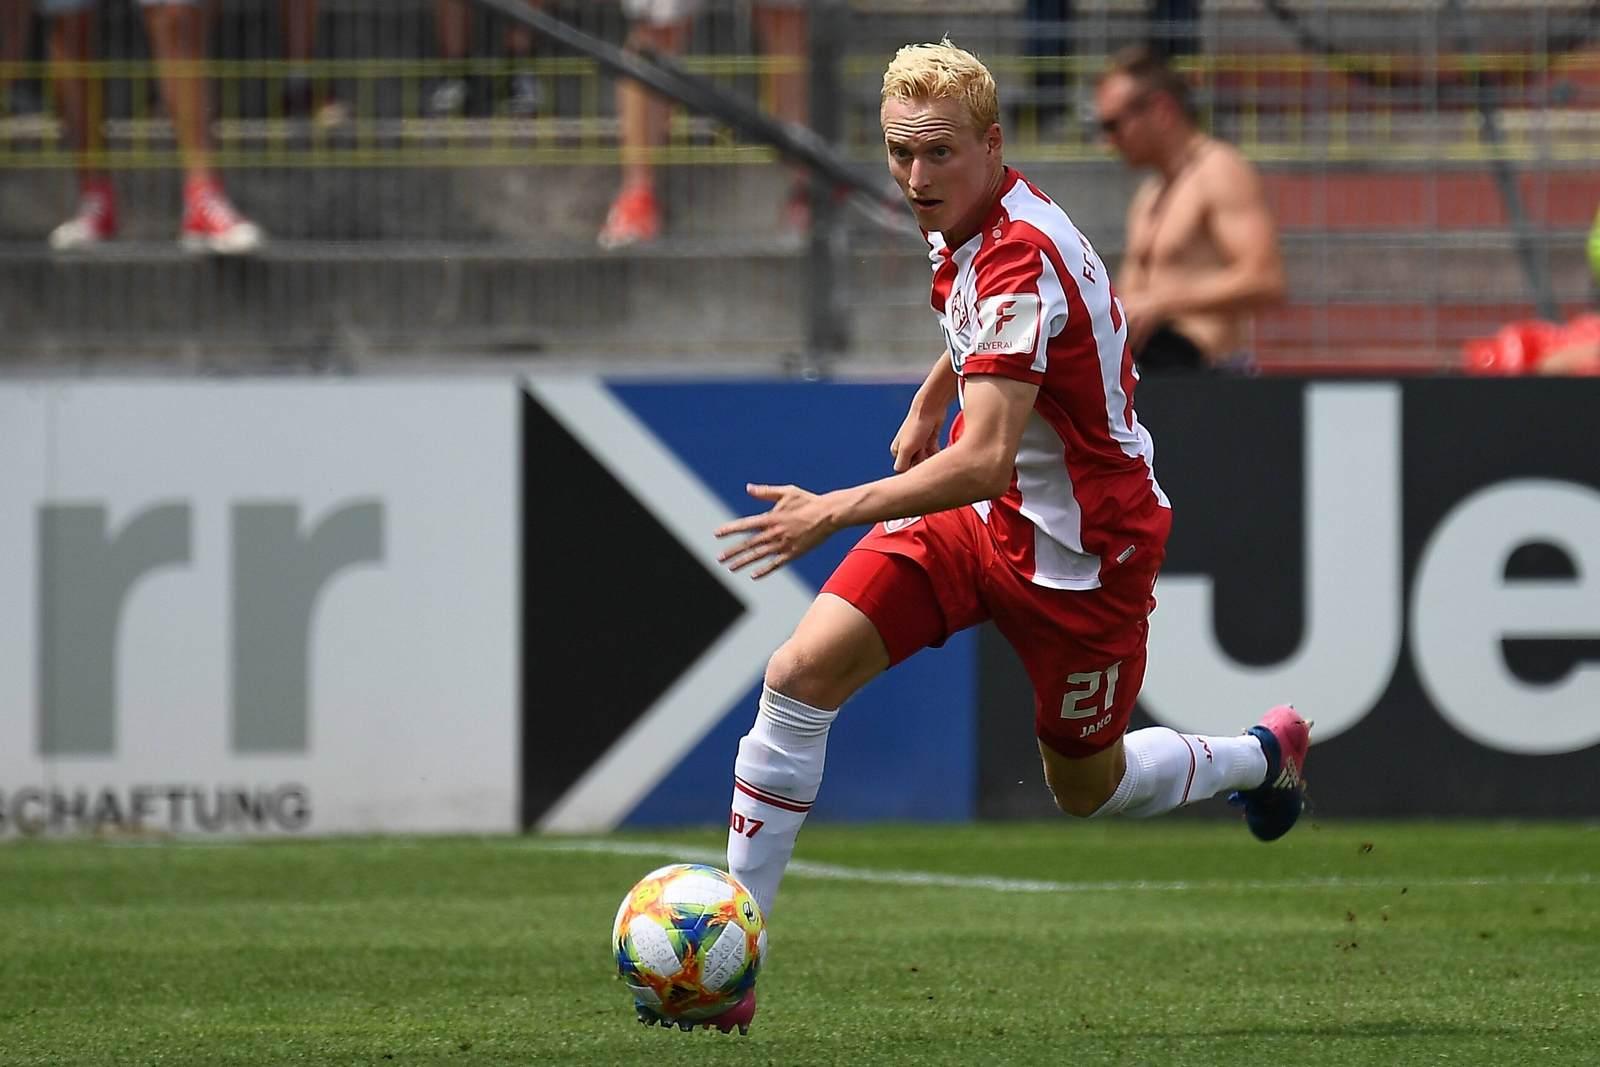 Luke Hemmerich am Ball für die Würzburger Kickers